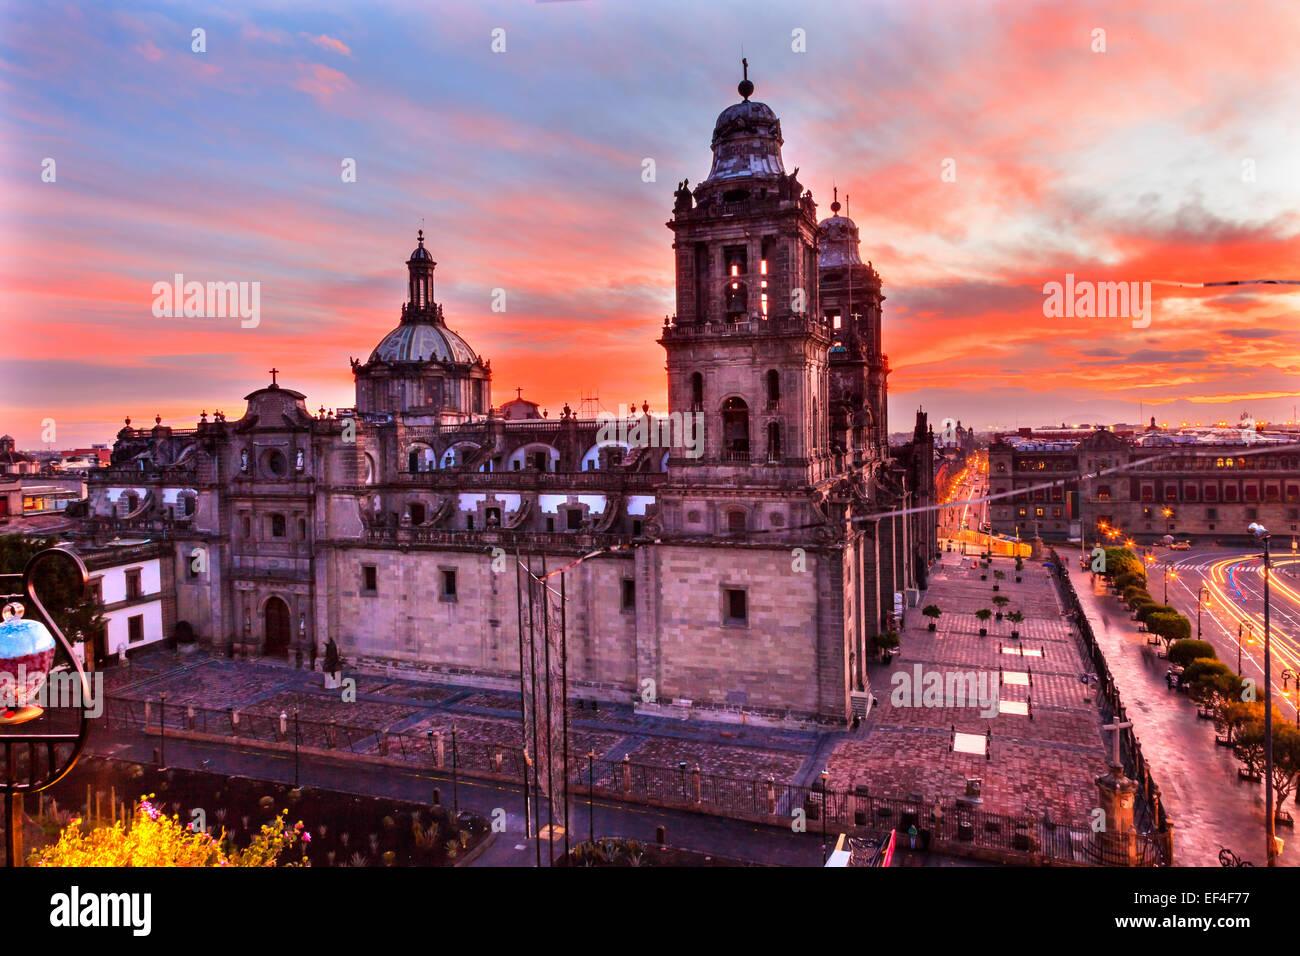 Cathédrale Métropolitaine et le palais présidentiel au Zocalo, Centre de Mexico Mexique Lever du Photo Stock